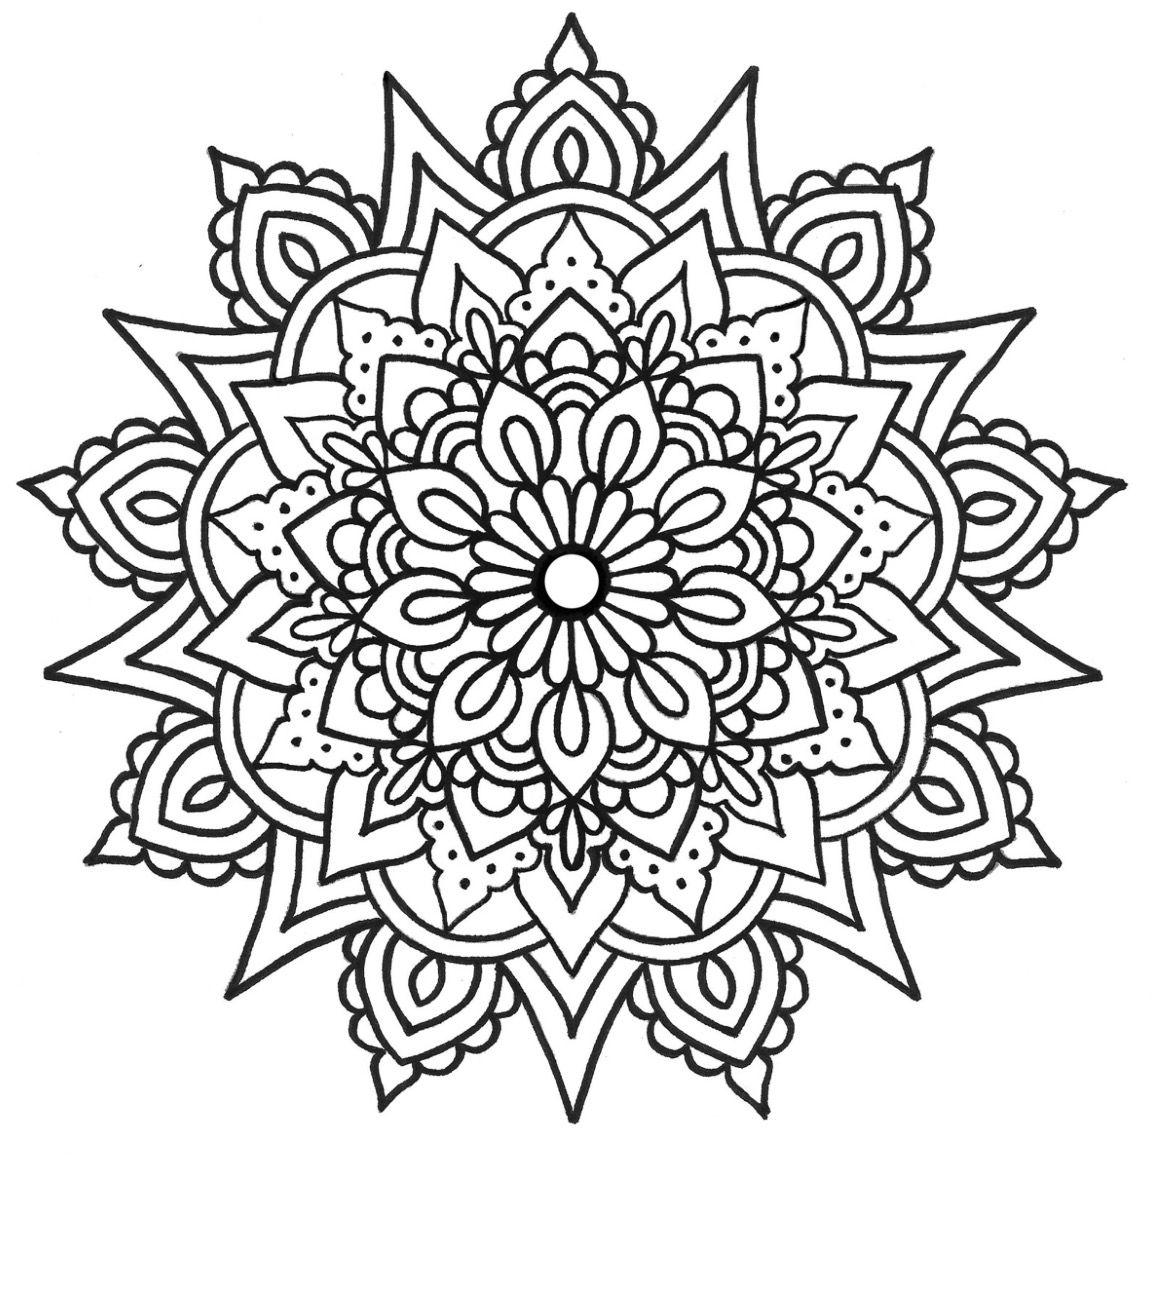 Pin von Dawn Gilliland auf Swirls n mandalas | Pinterest